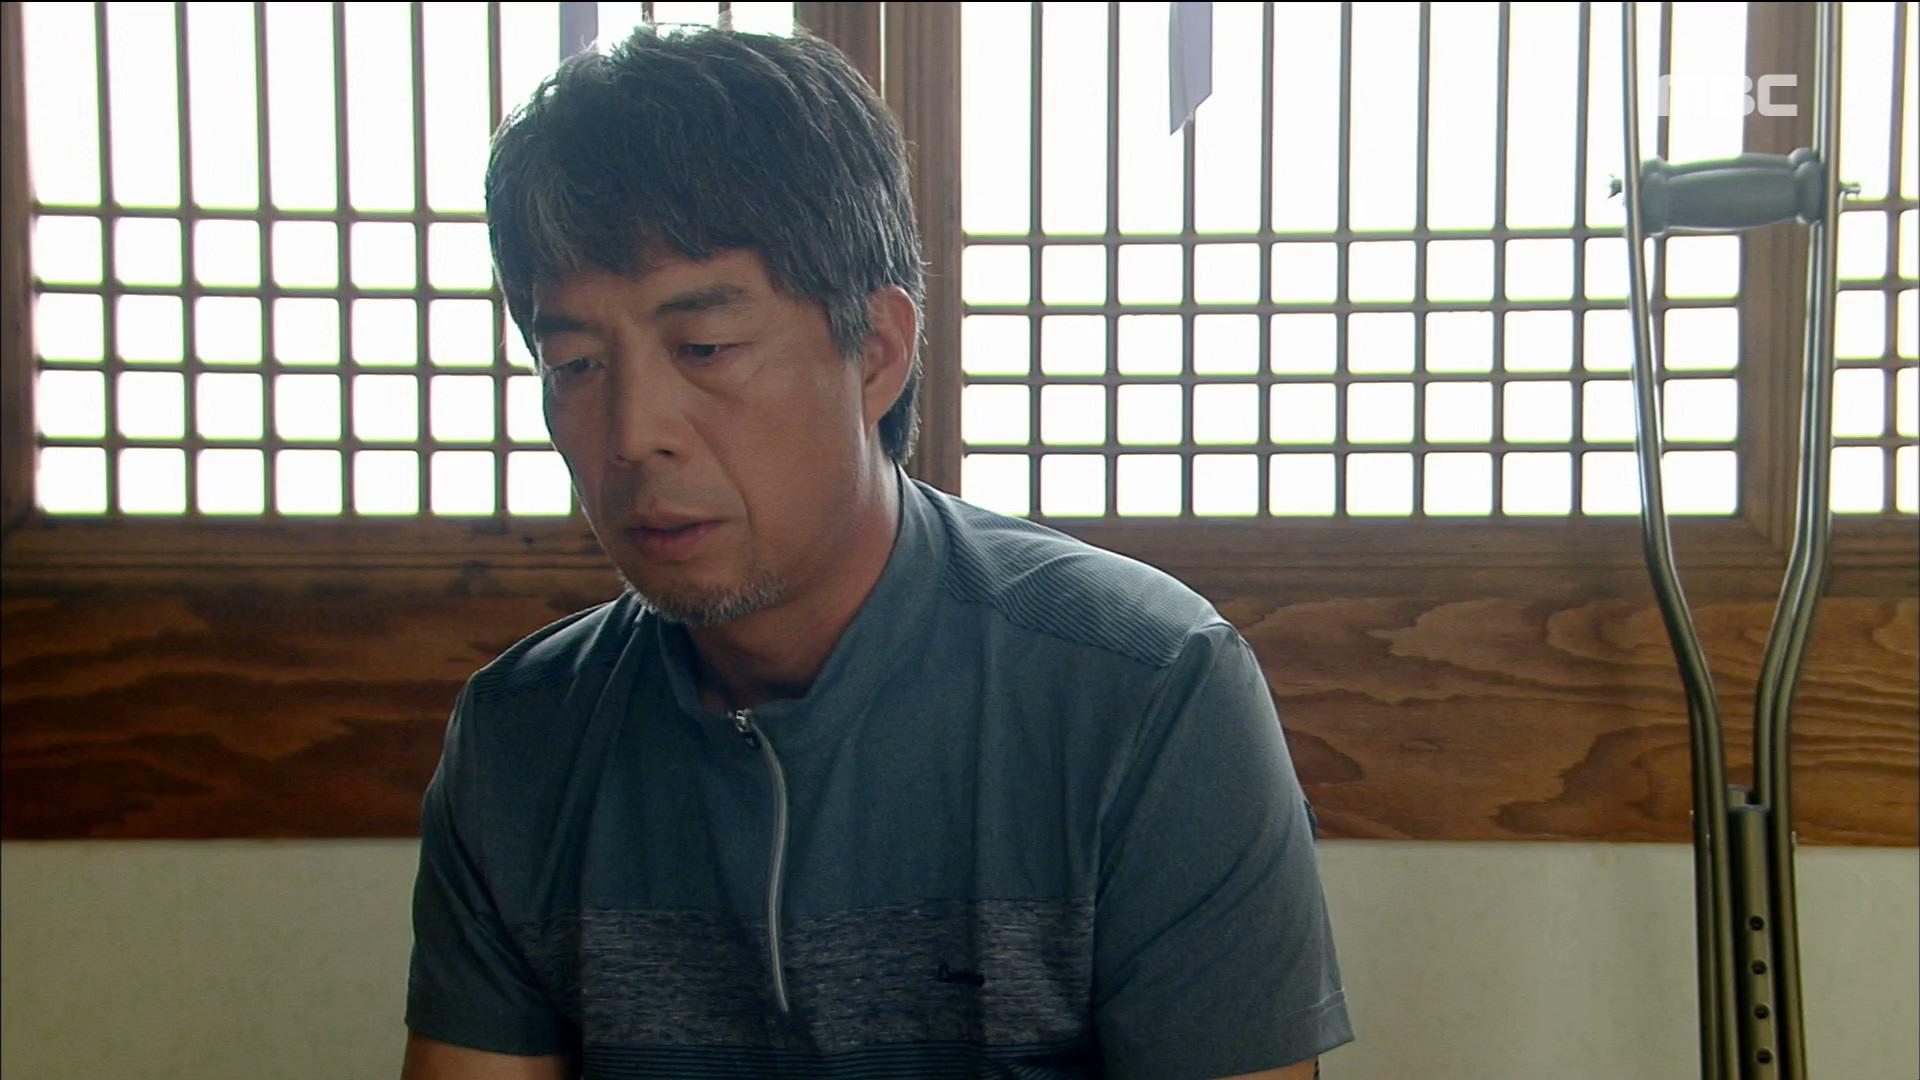 안길강,지현우에게 솔직하게 다 말 못해?